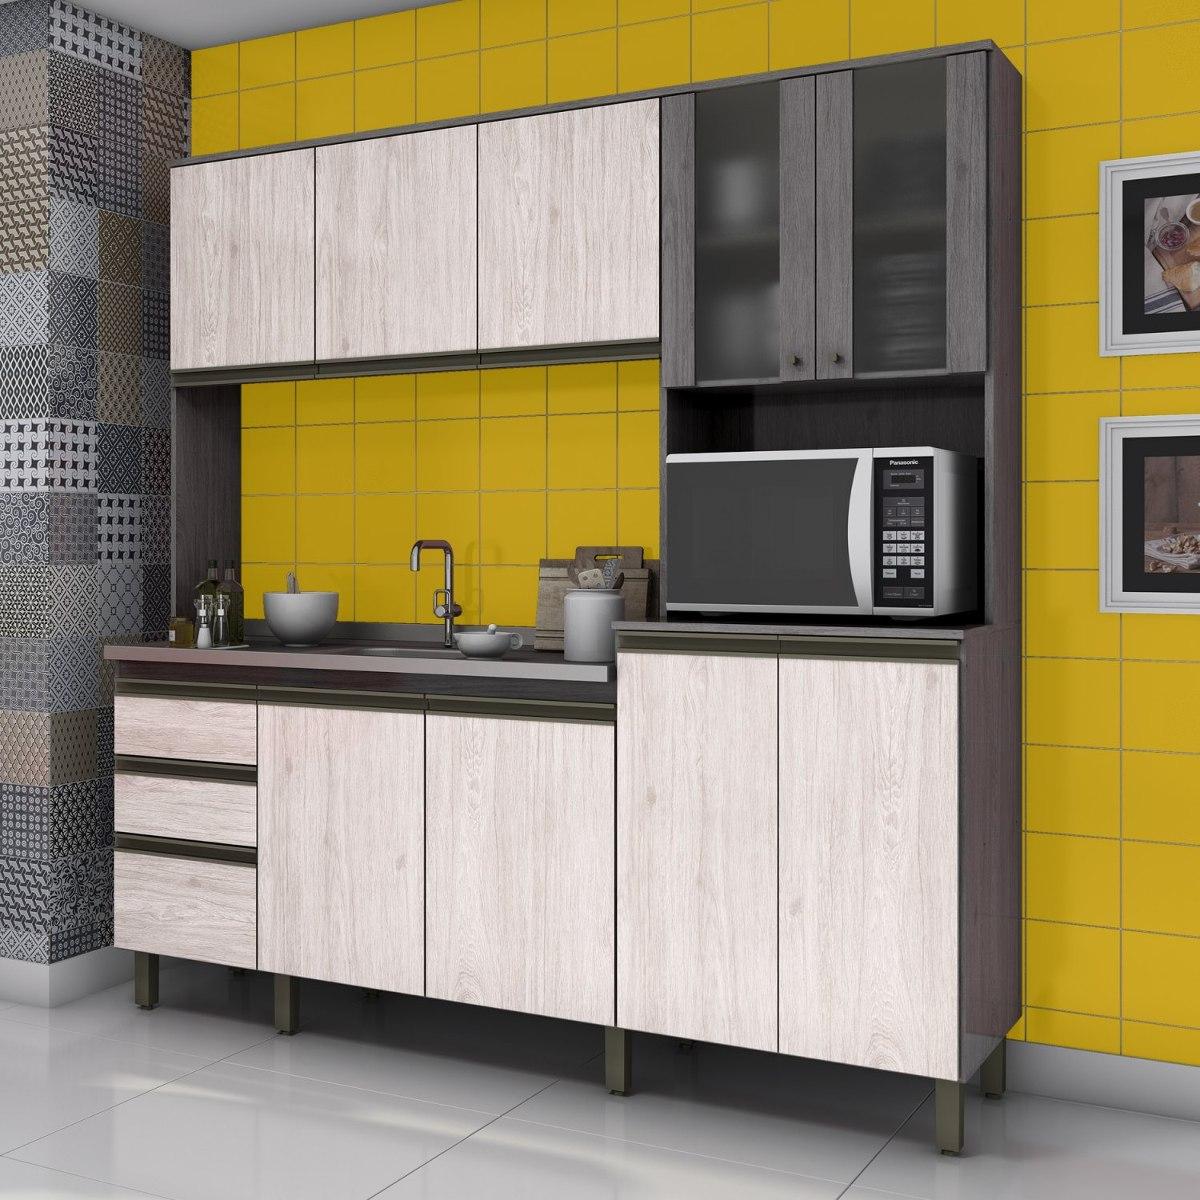 Cozinha Compacta 3 Pe As B113 Briz N O Acompanha Hj R 619 90 Em